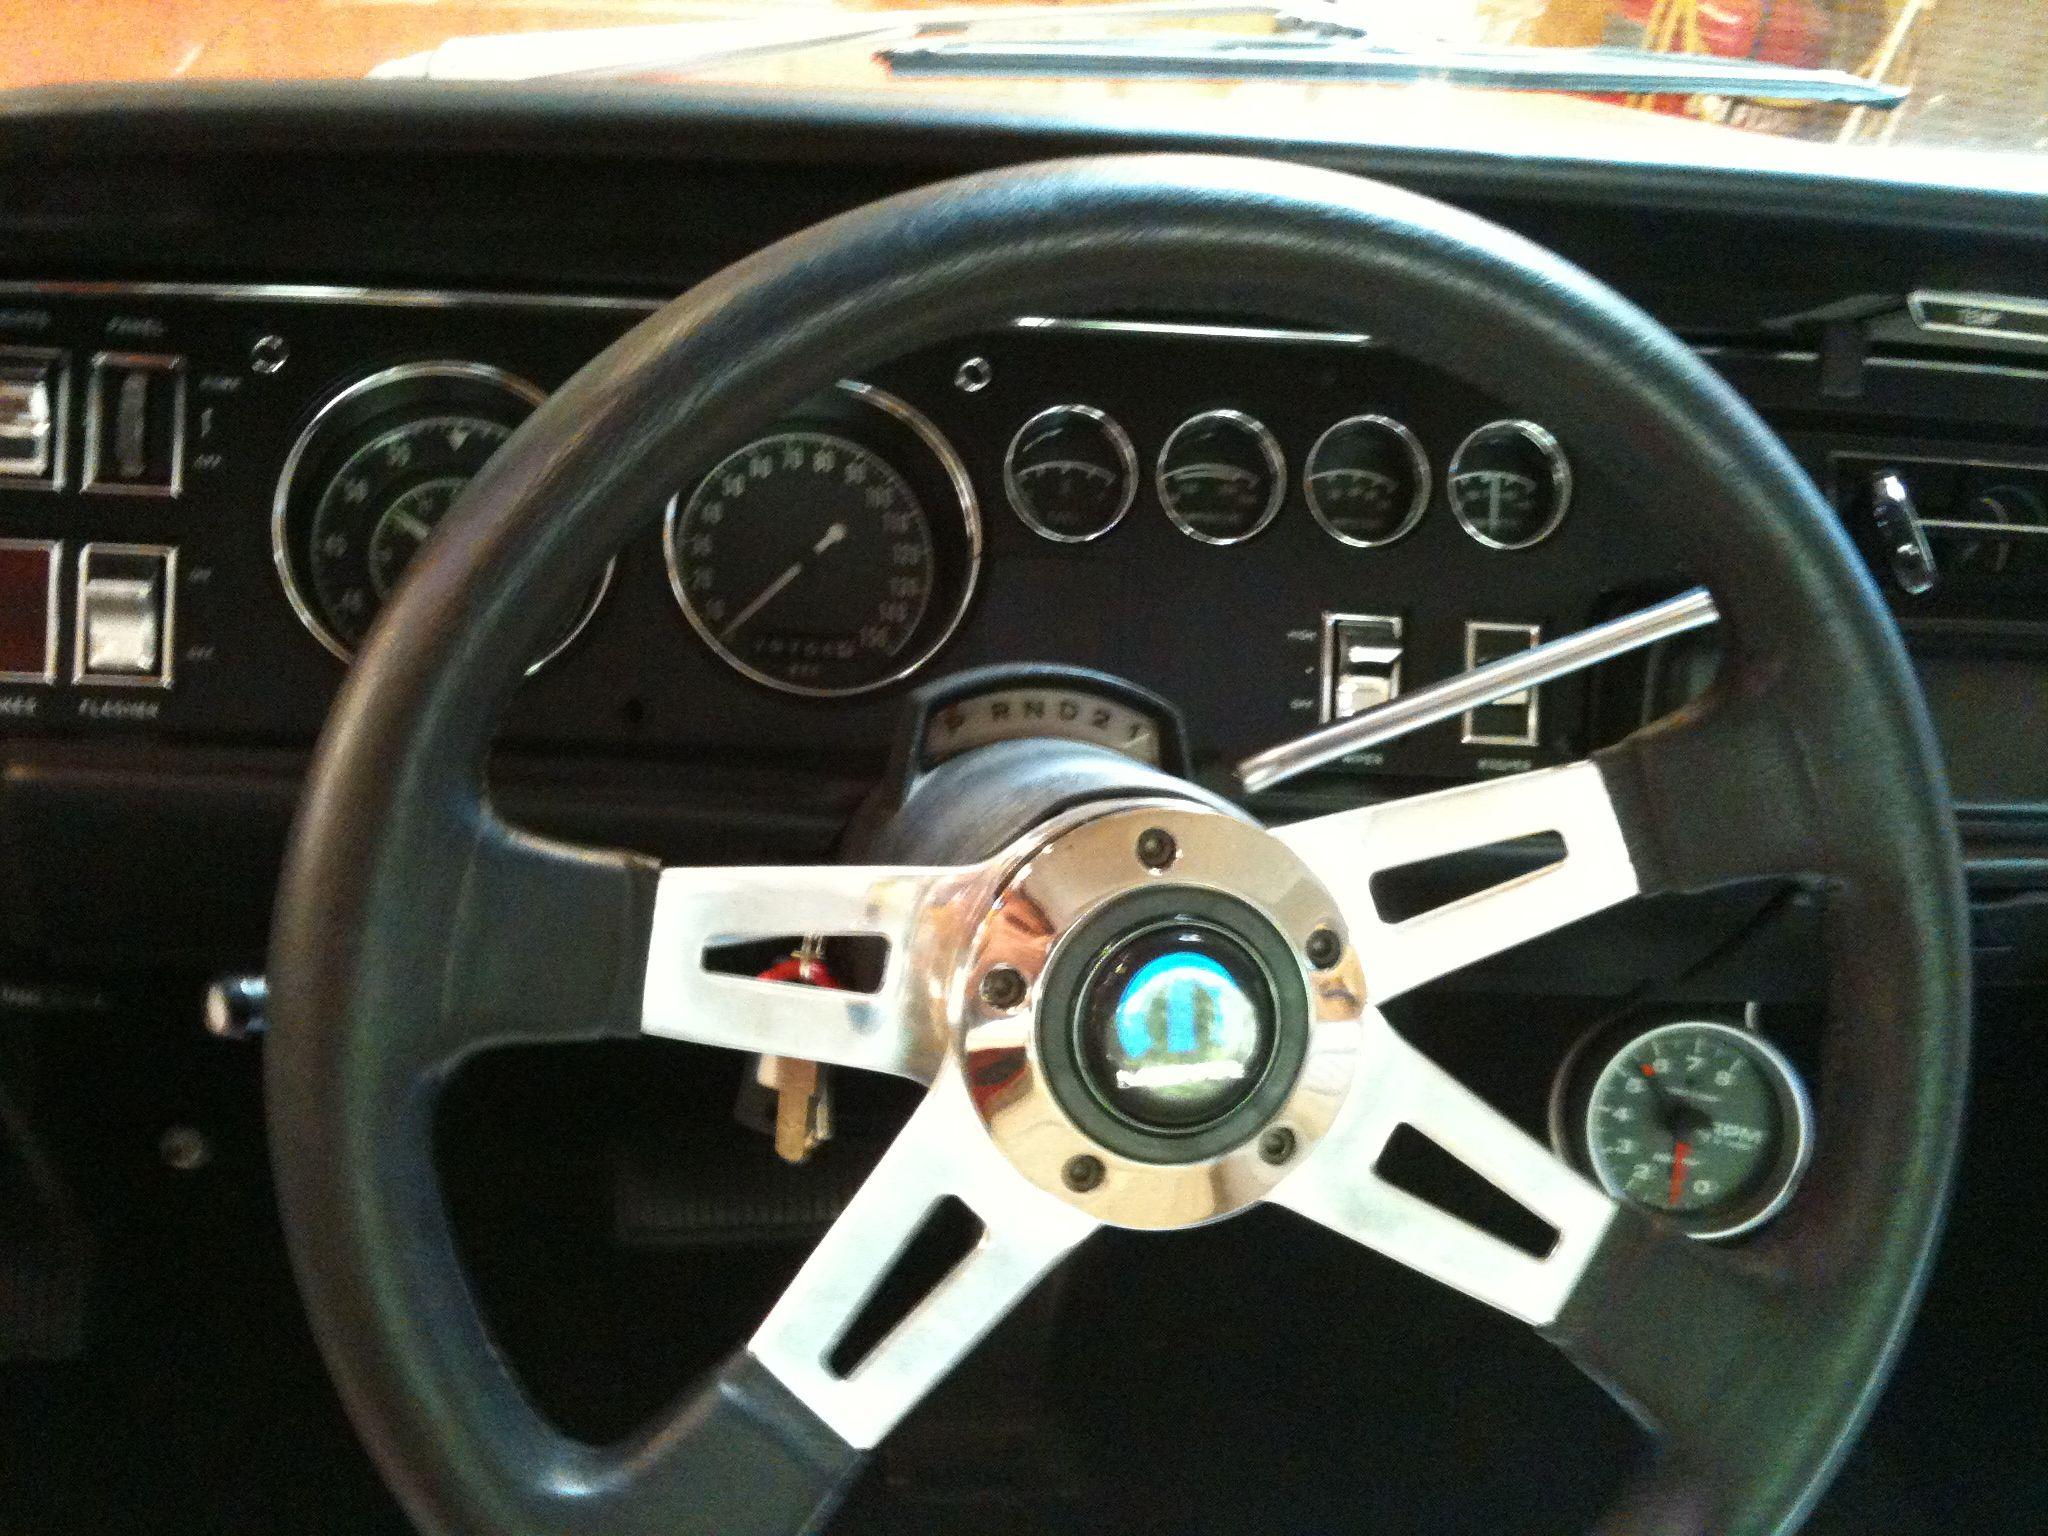 Refinished gauge cluster installed, mopar Grant steering